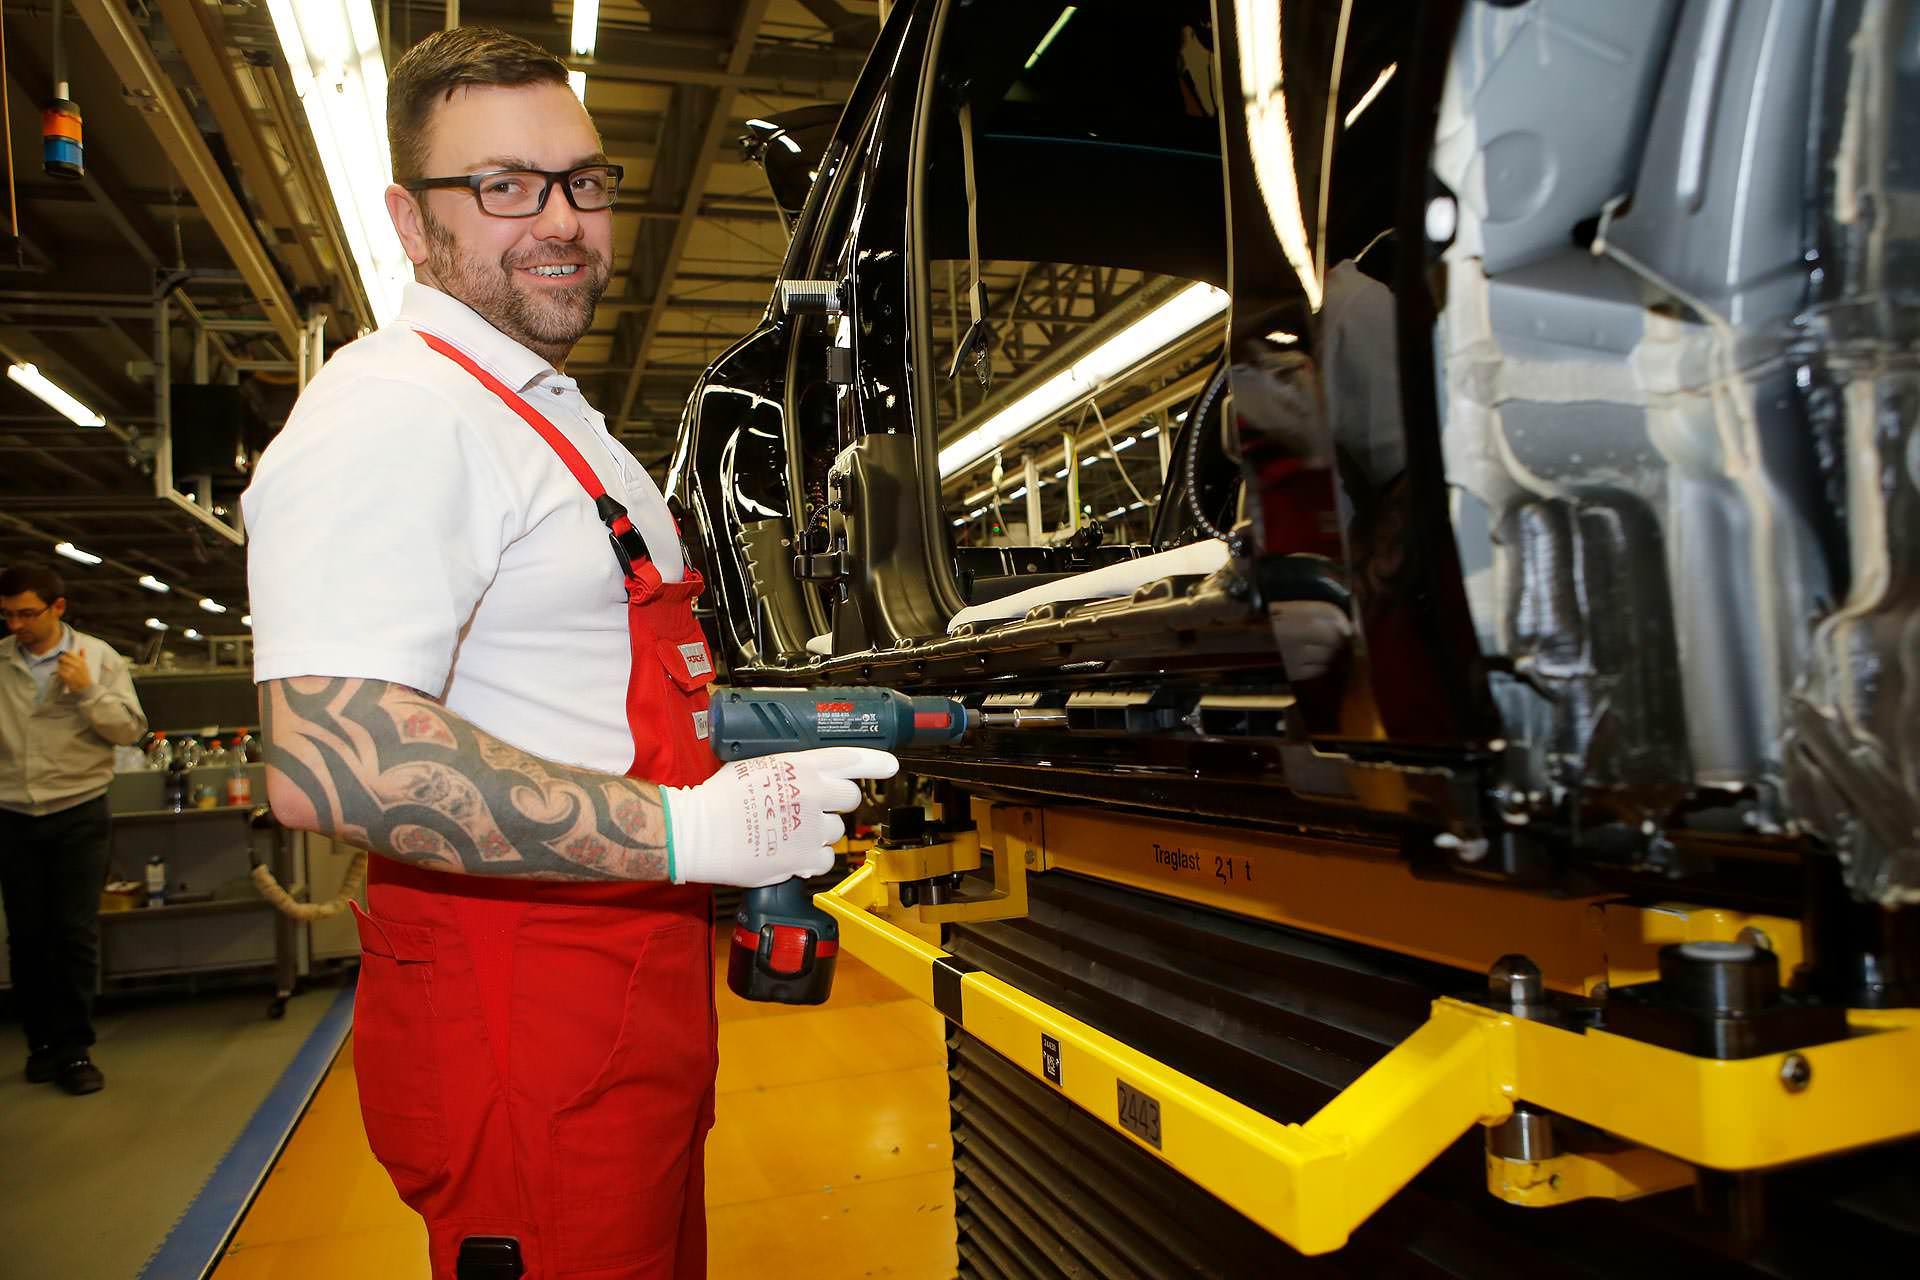 Björn Lindner mag seinen Jonb bei Porsche. Dafür nimmt er das Pemdeln auf sich